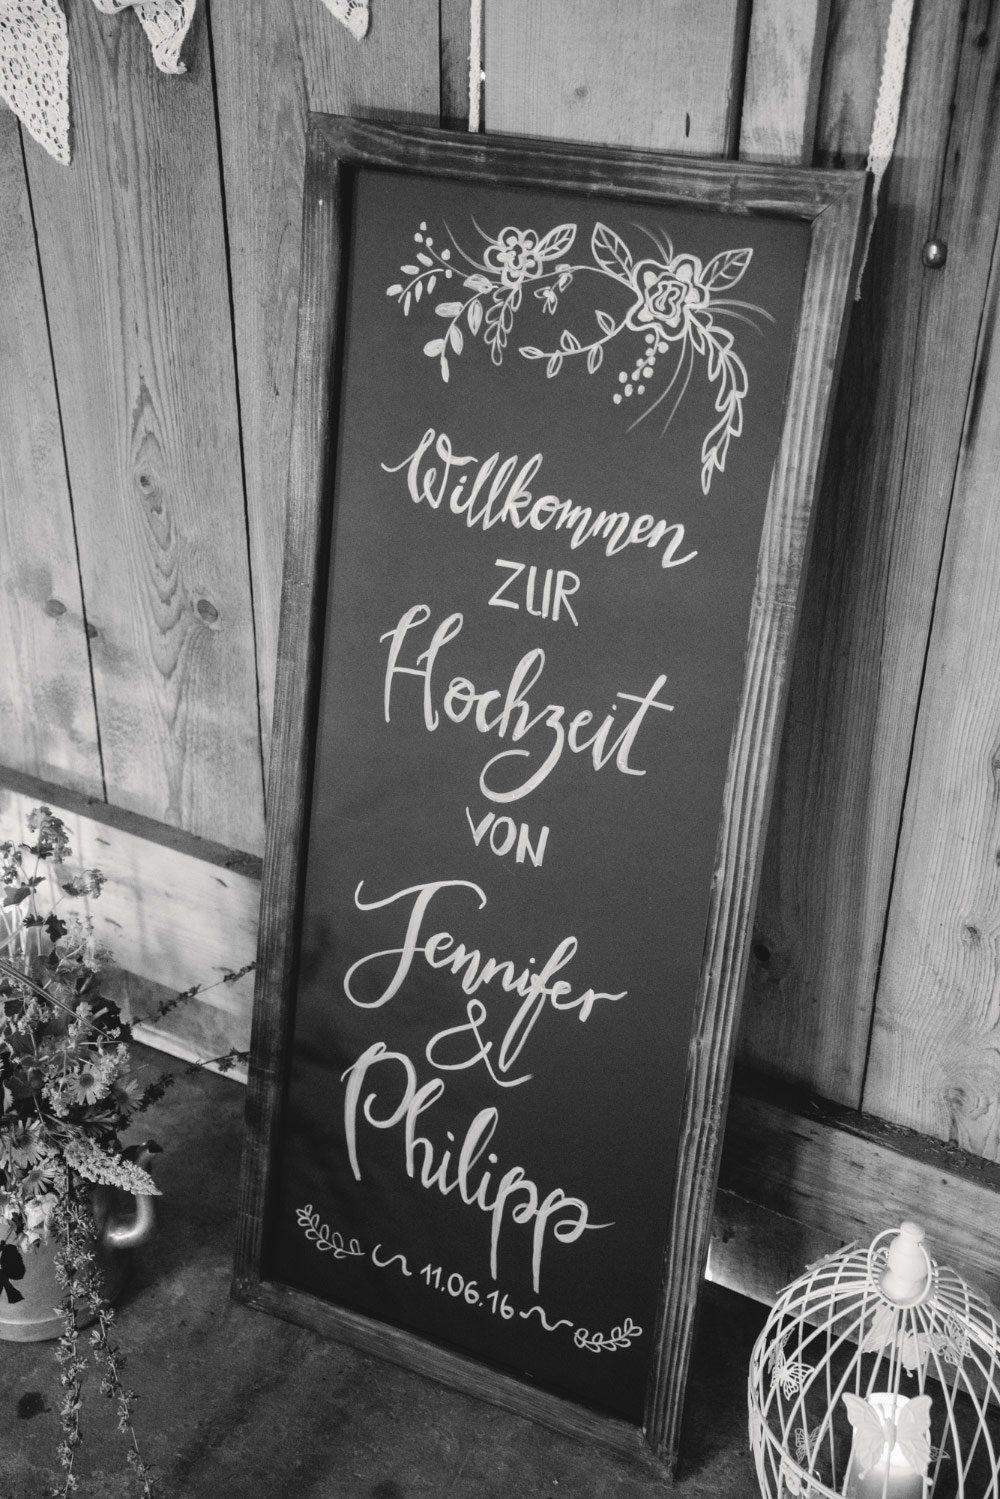 Vintage In Pastelltonen Die Hochzeit Von Jennifer Philipp Mit Bildern Vintage Hochzeit Hochzeitseinladungen Rustikal Alte Hochzeitsfotos